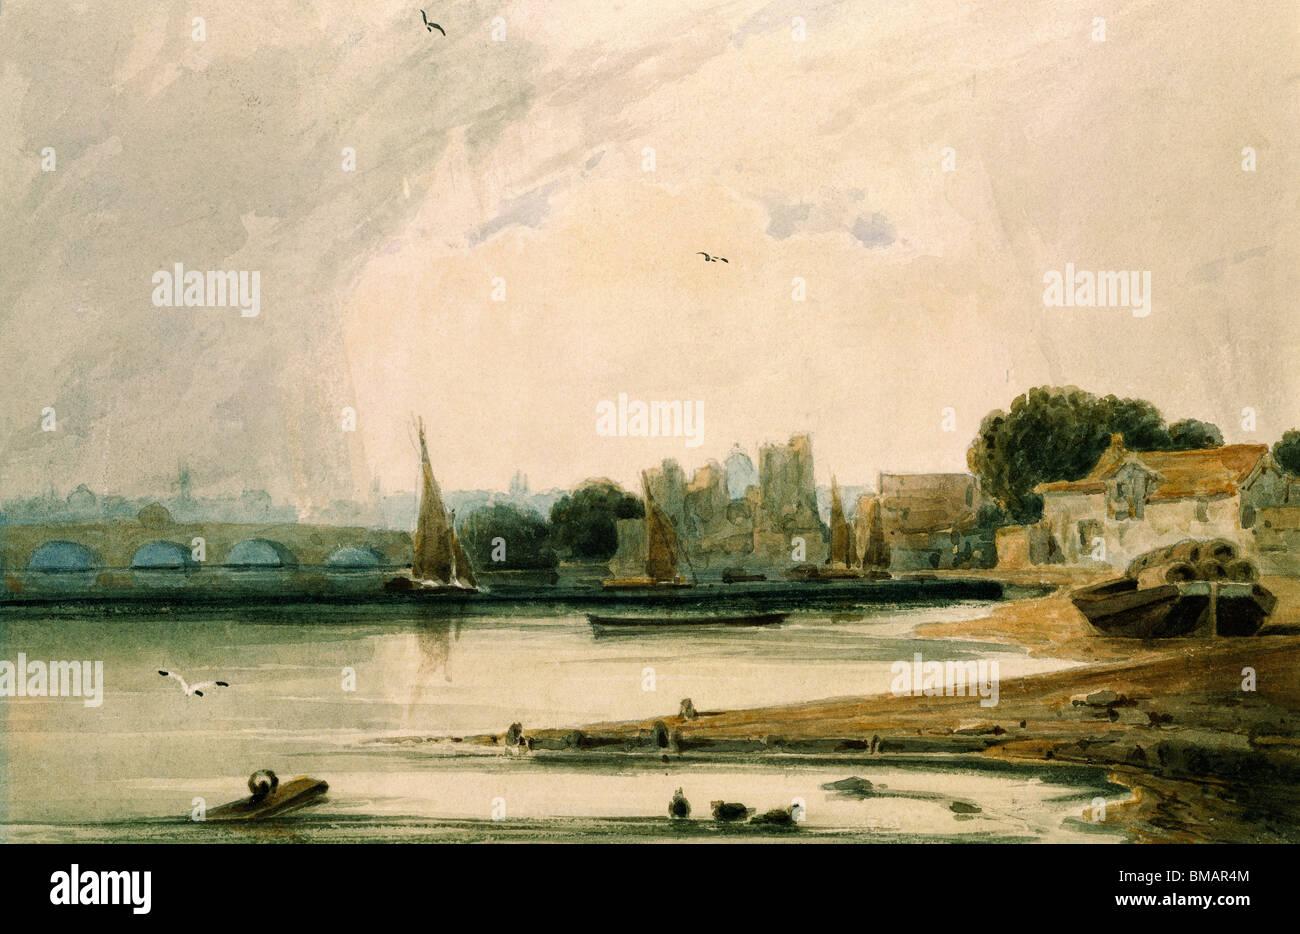 Palacio de Lambeth y Westminster Bridge, por F.L.T. Francia. Londres, Inglaterra, del siglo XIX. Imagen De Stock